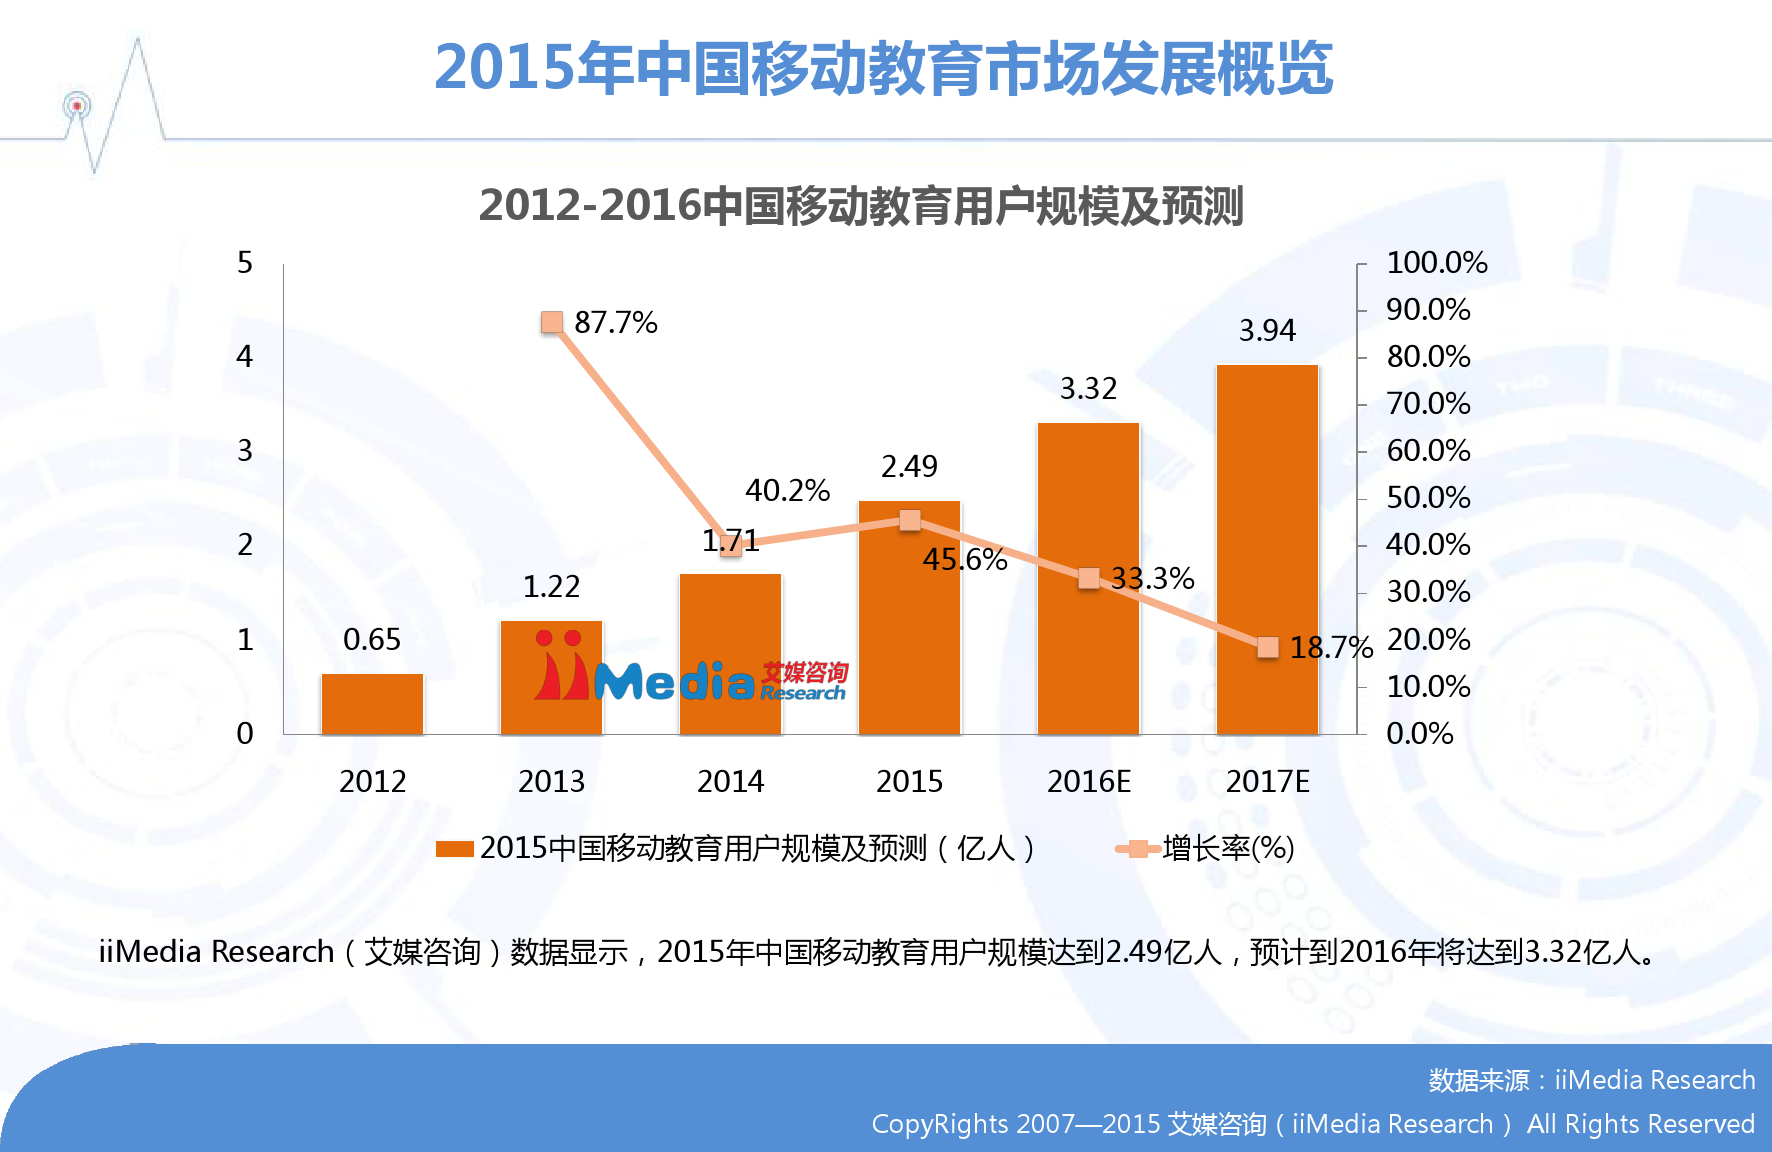 2015-2016年中国移动教育市场研究报告_000009